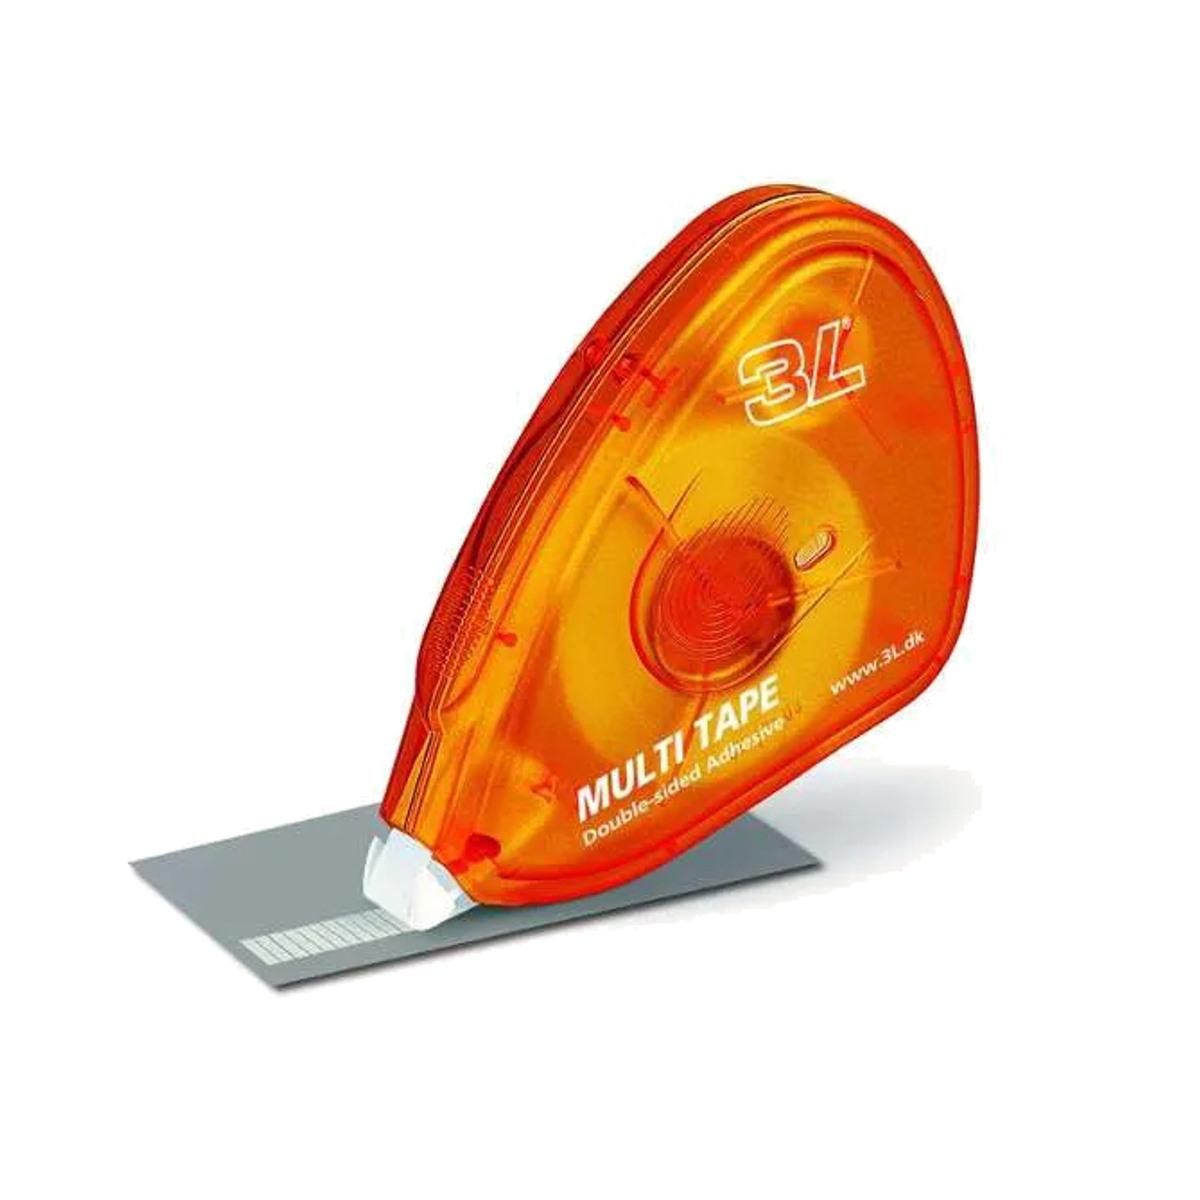 Fita Adesiva Dupla Face com Aplicador 10 Metros - Multi Tape Caixa com 20 unidades